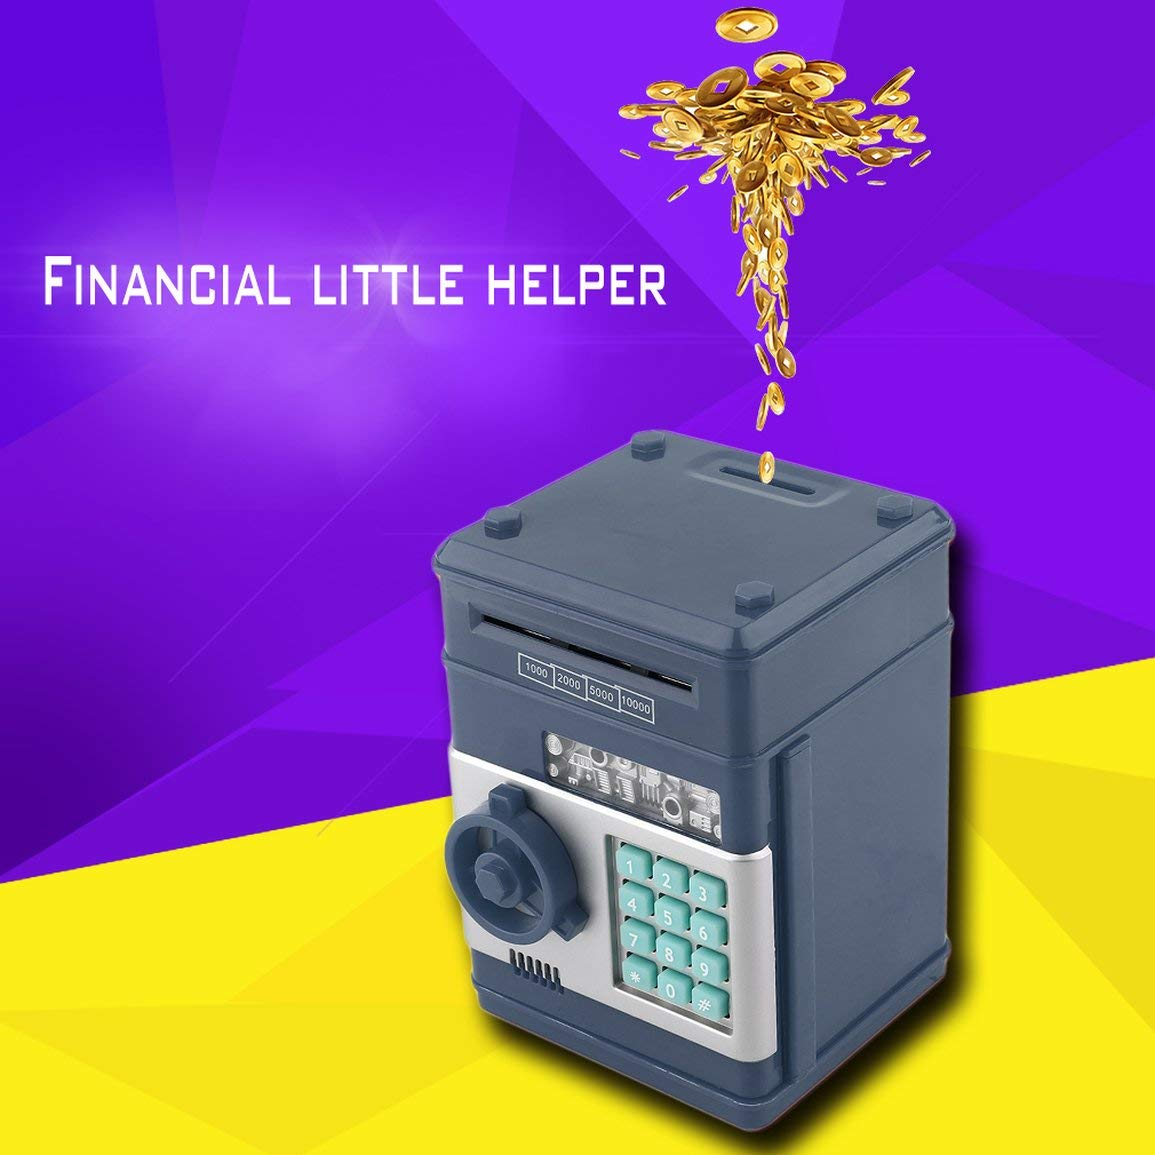 7colors Ni/ños dinero caja de seguridad electr/ónica guardar contrase/ña cajeros autom/áticos del Banco de monedas y billetes sistema de c/ódigo de clave de caja de la caja de ahorro de dinero